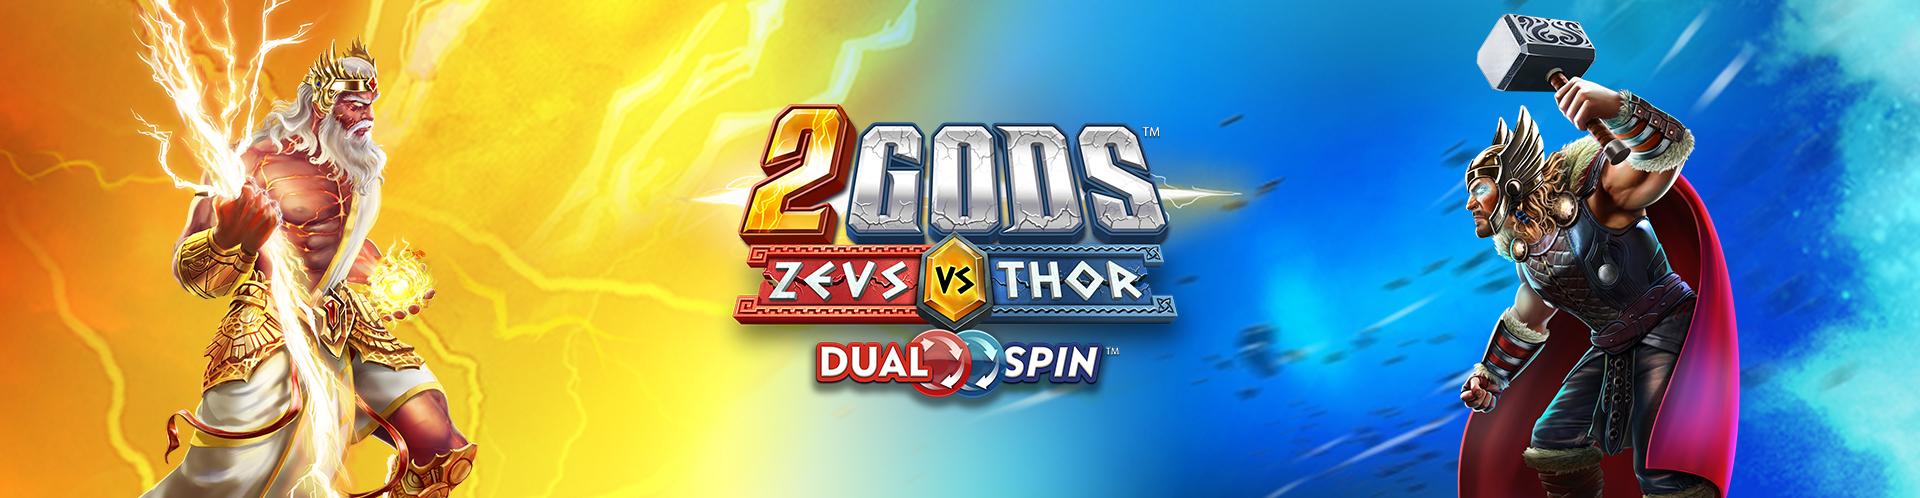 2 Gods - Zeus vs Thor